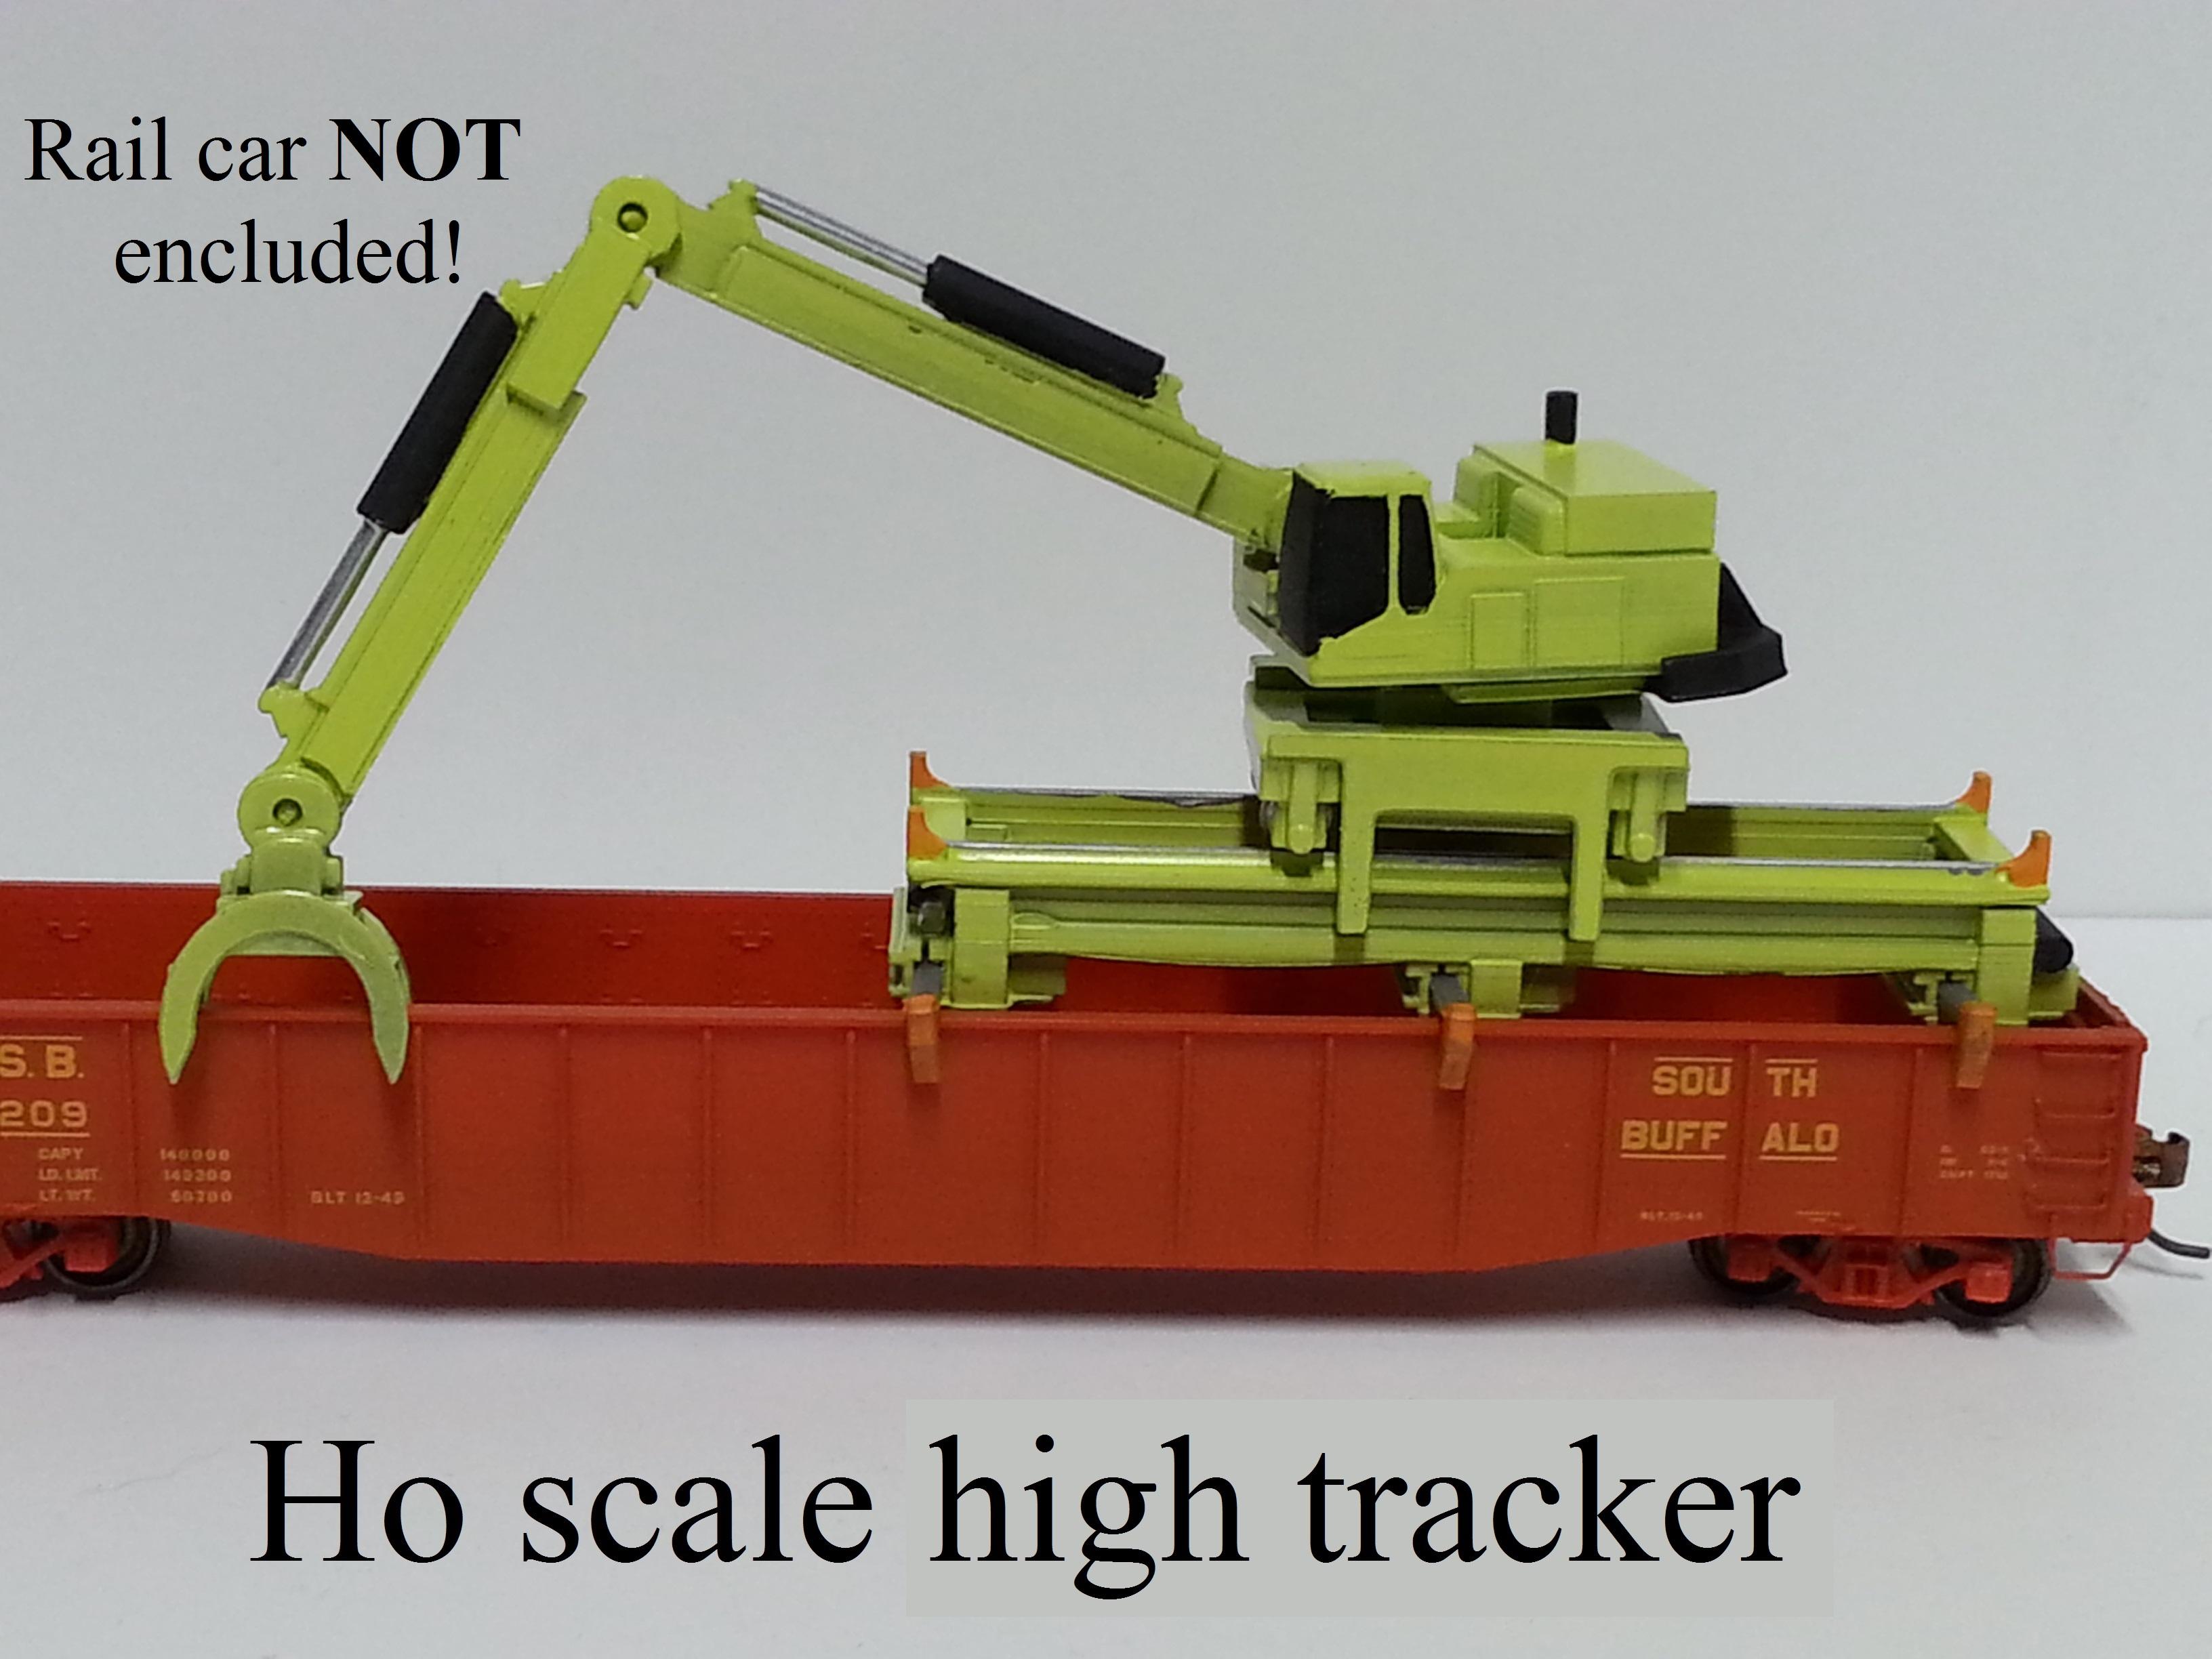 Ho scale high tracker